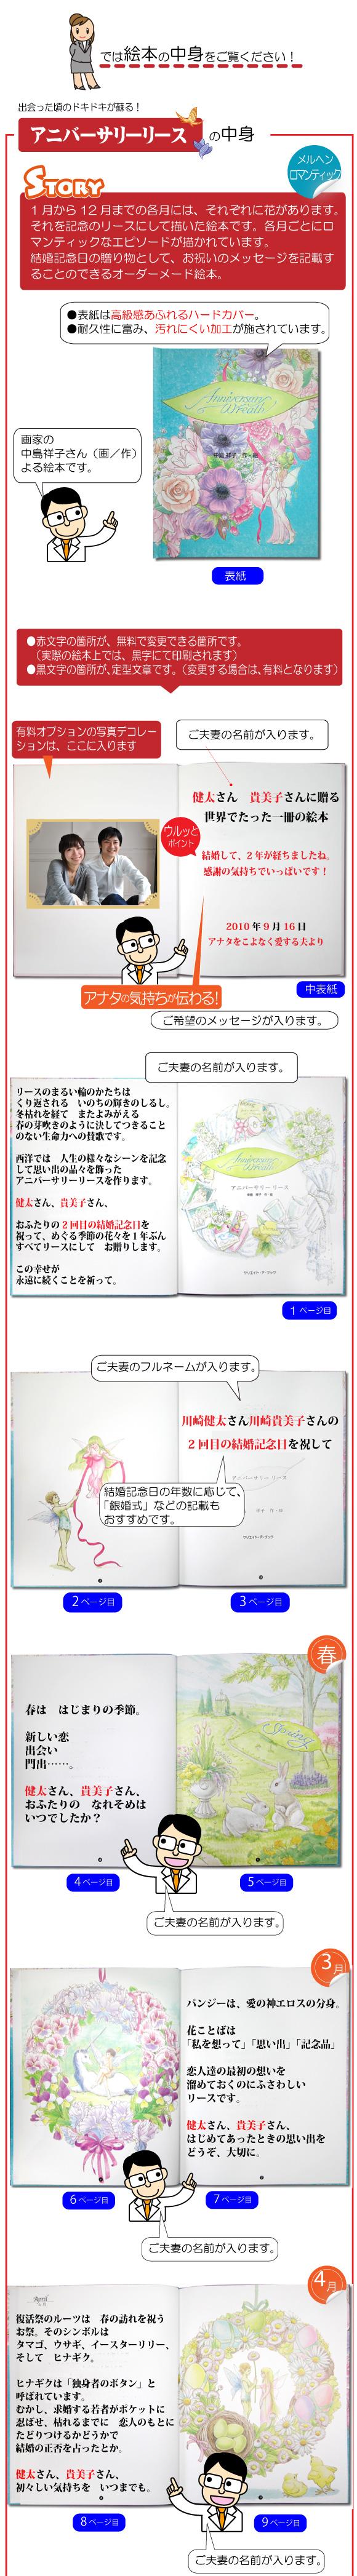 妻への結婚記念日のプレゼントにオリジナル絵本をサプライズで!